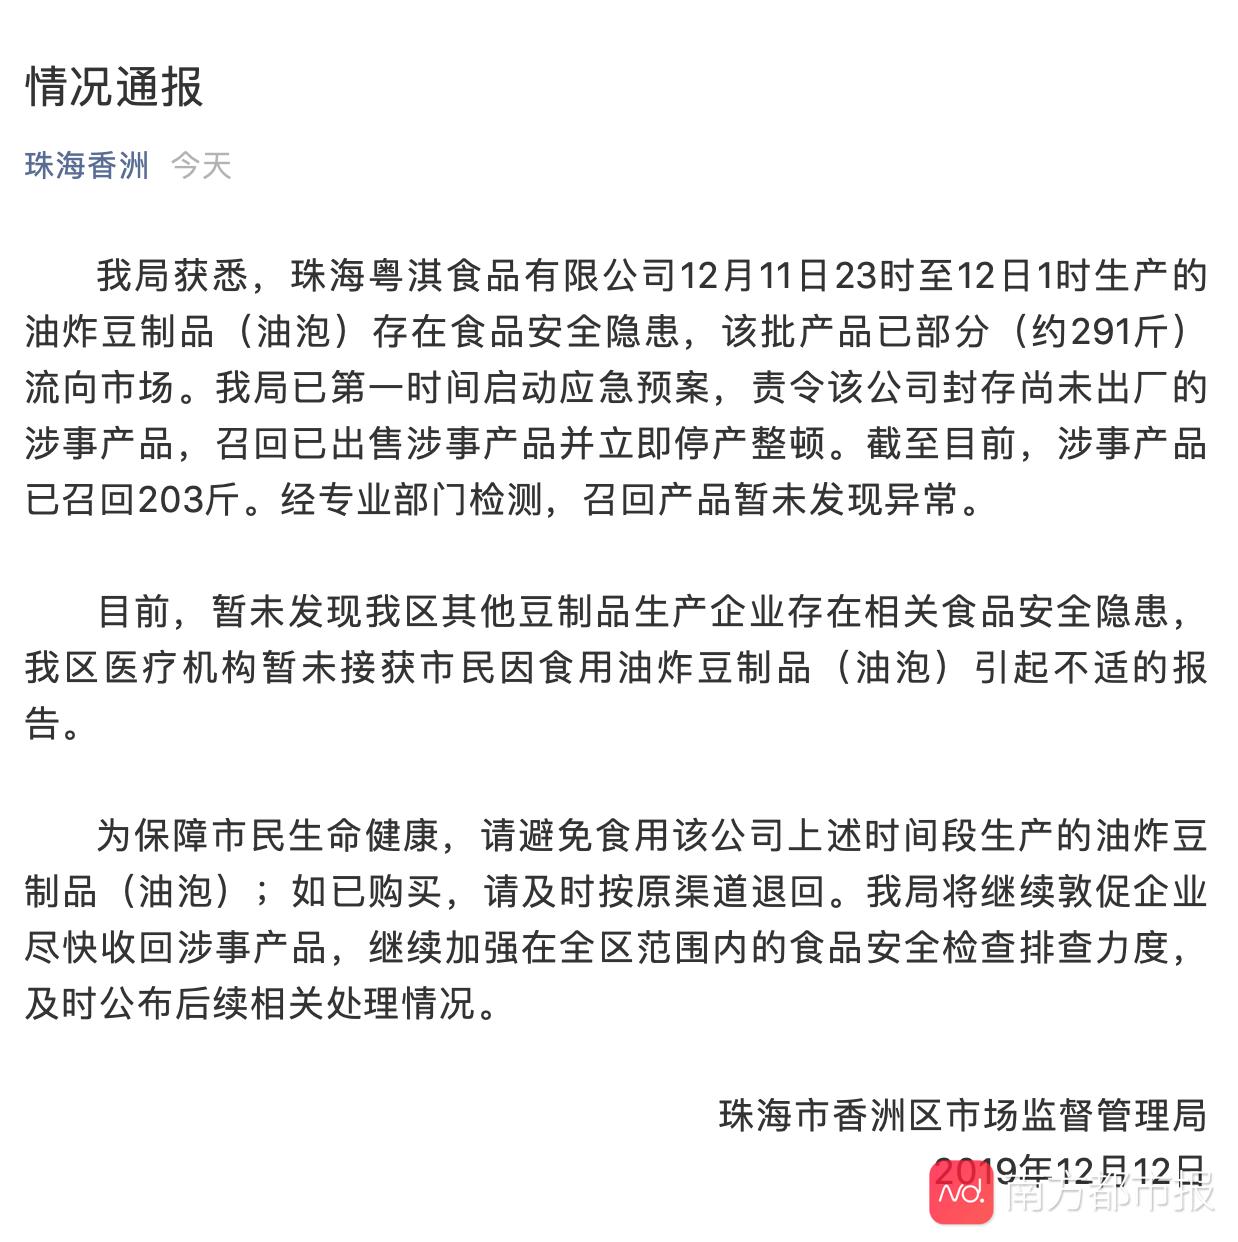 珠海一豆制品厂售出291斤问题食品,官方:将敦促企业尽快收回